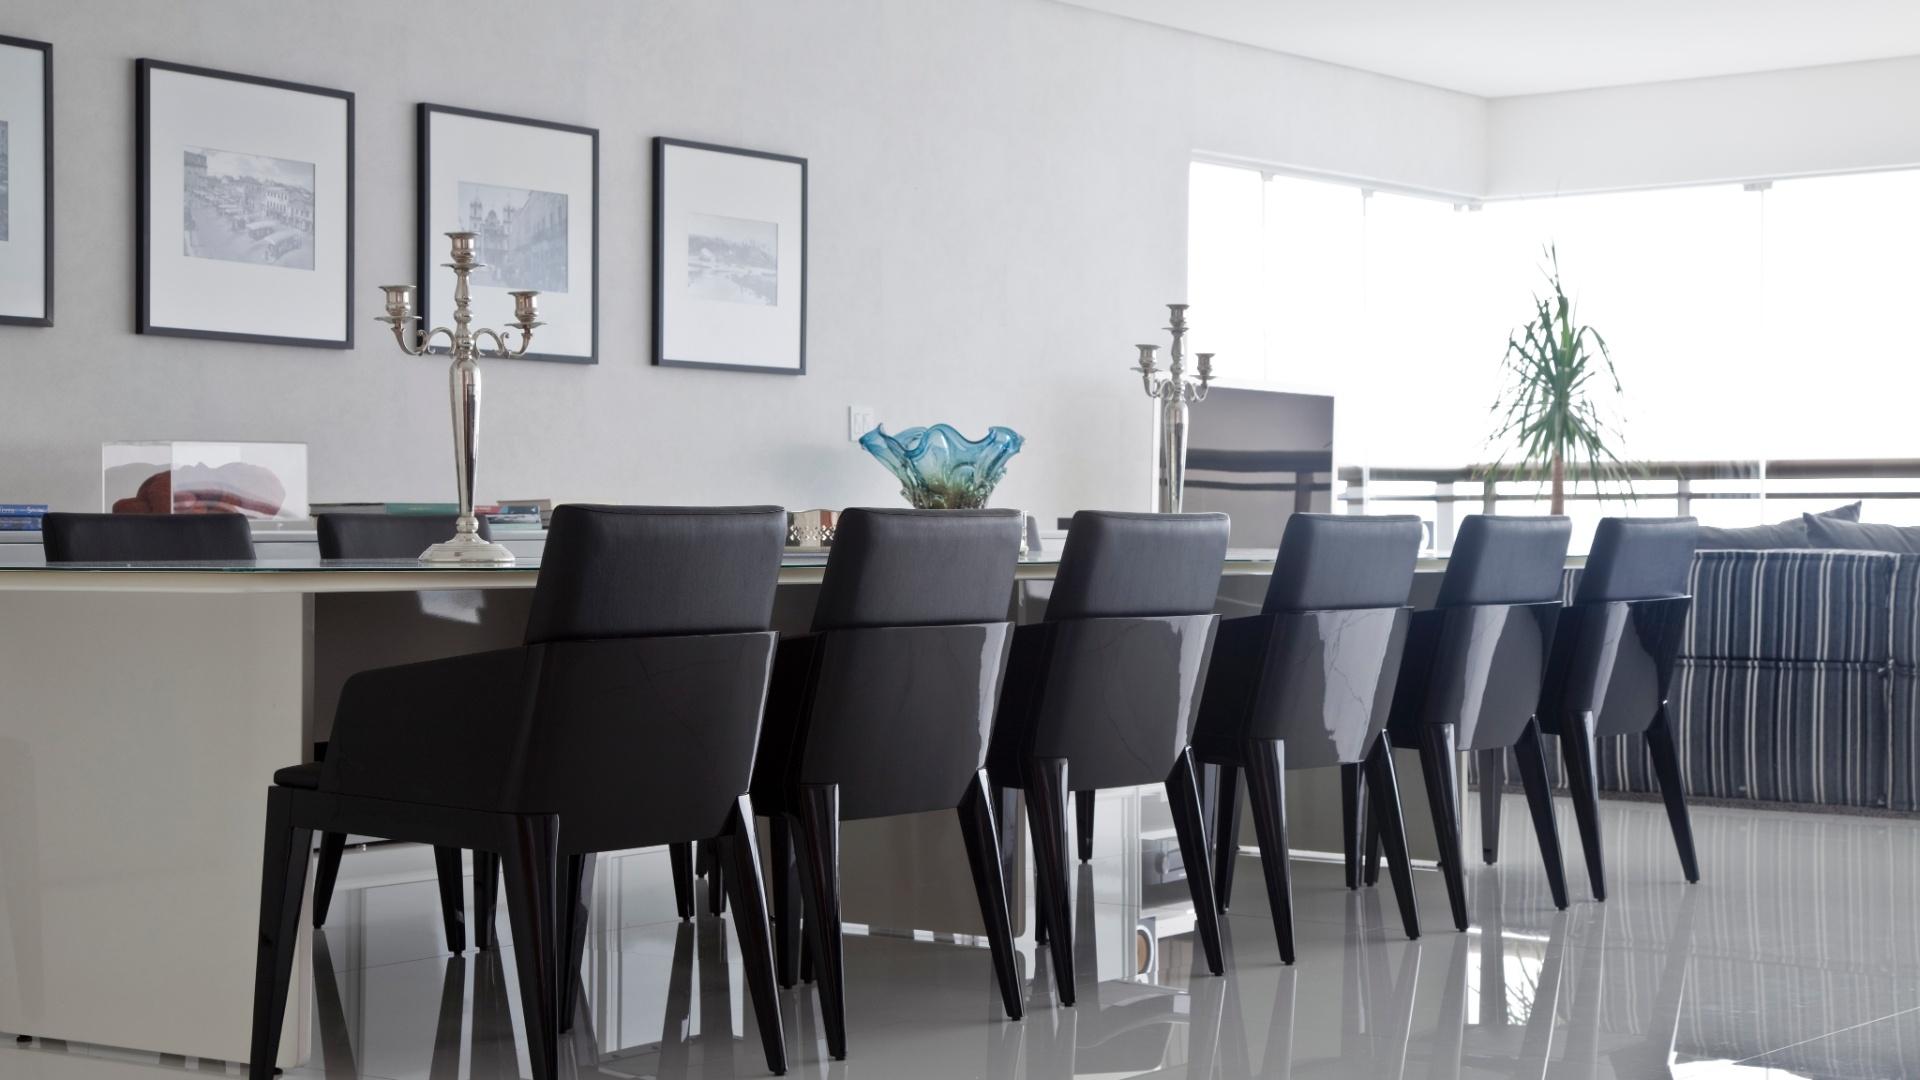 cadeiras Allegro de madeira com assentos revestidos de couro  #505C6B 1920x1080